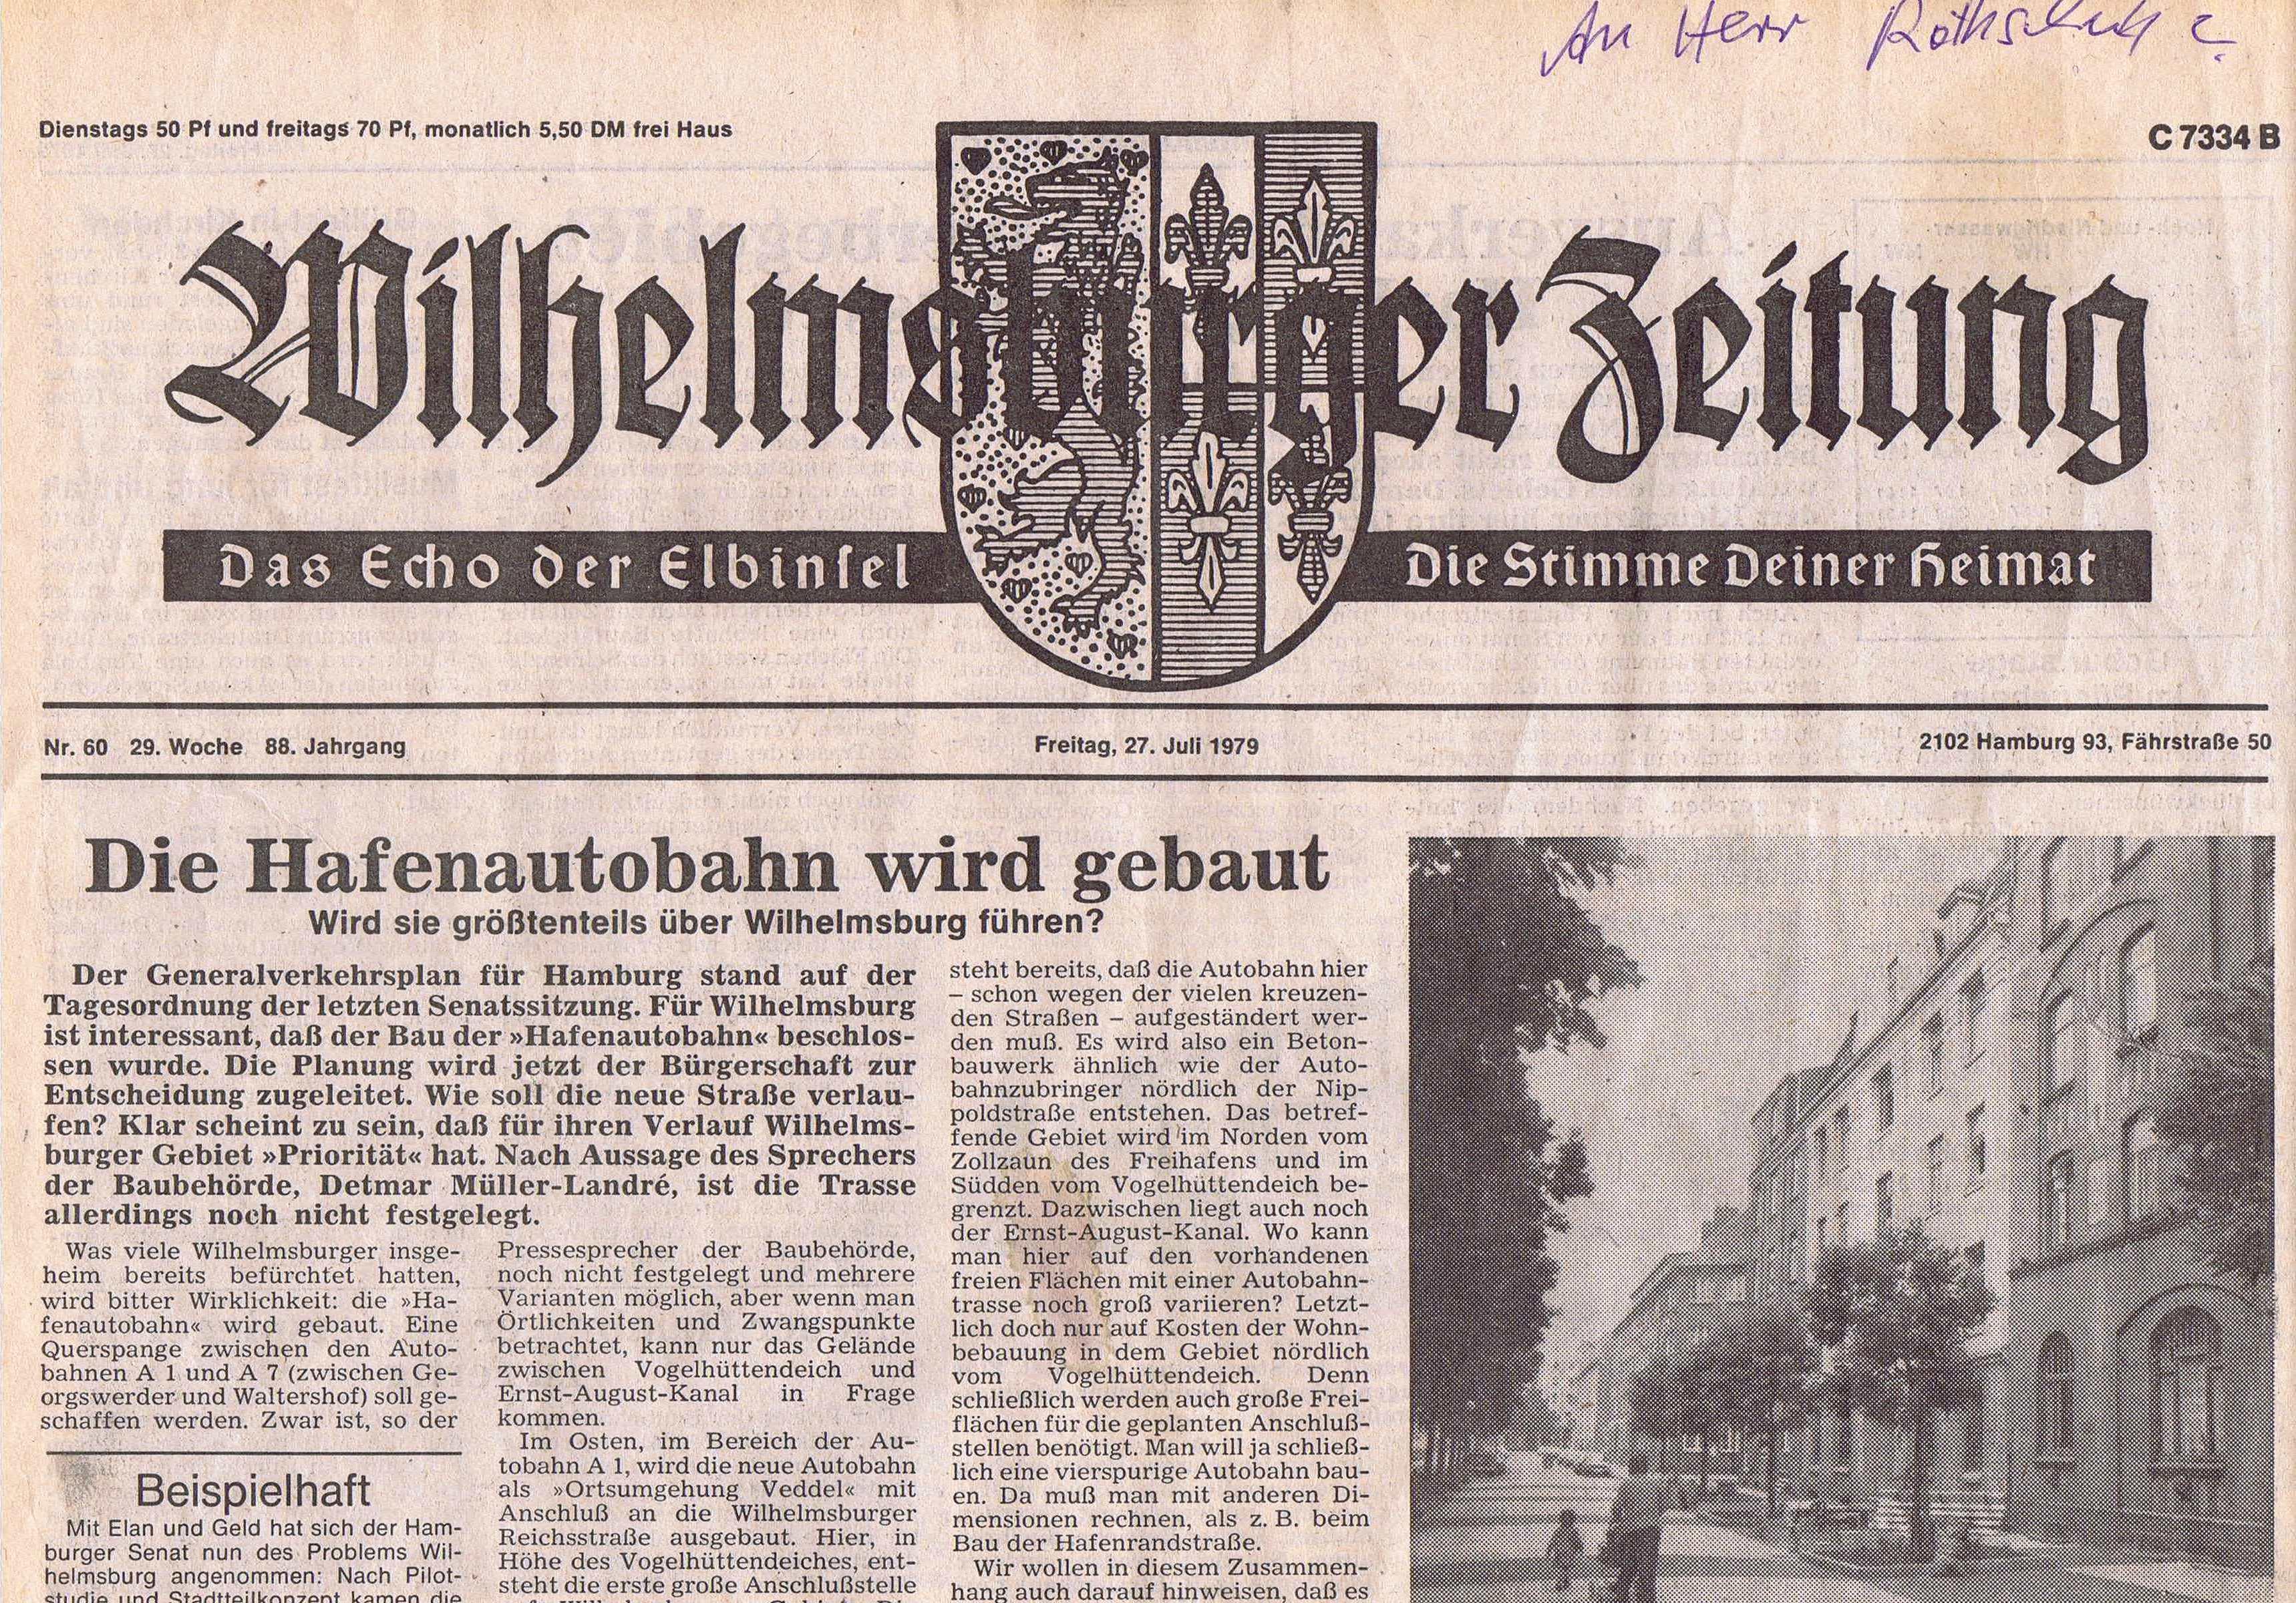 Wilhelmsburger_Zeitung vom 27.7.1979